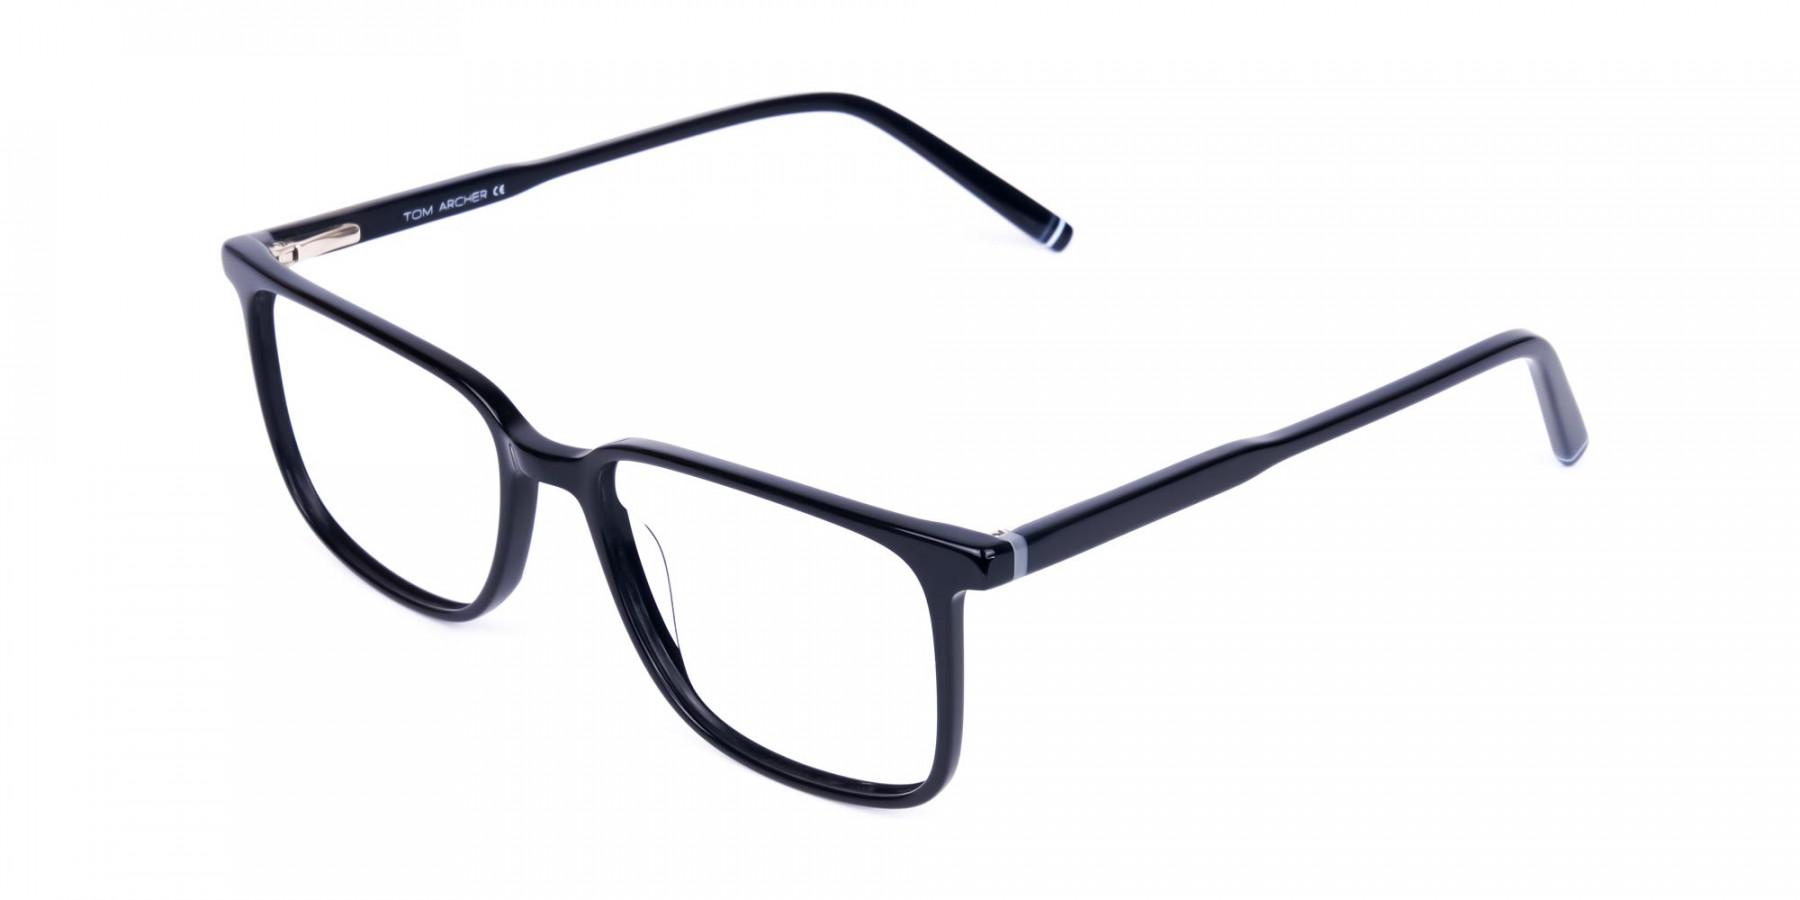 Classic-Black-Rim-Rectangular-Glasses-1